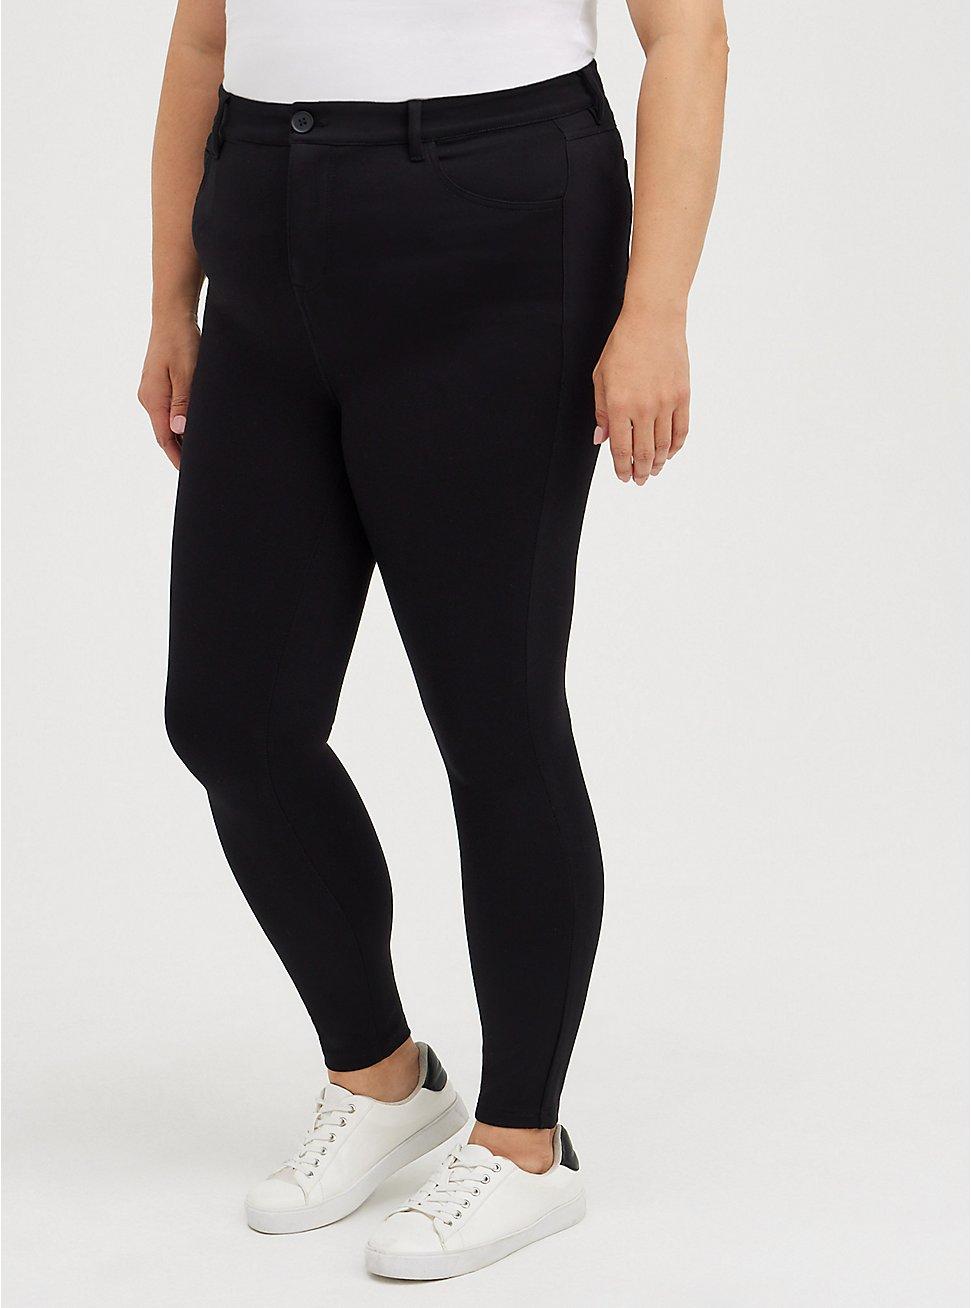 MidFit Skinny Pant - Luxe Ponte Black, DEEP BLACK, hi-res